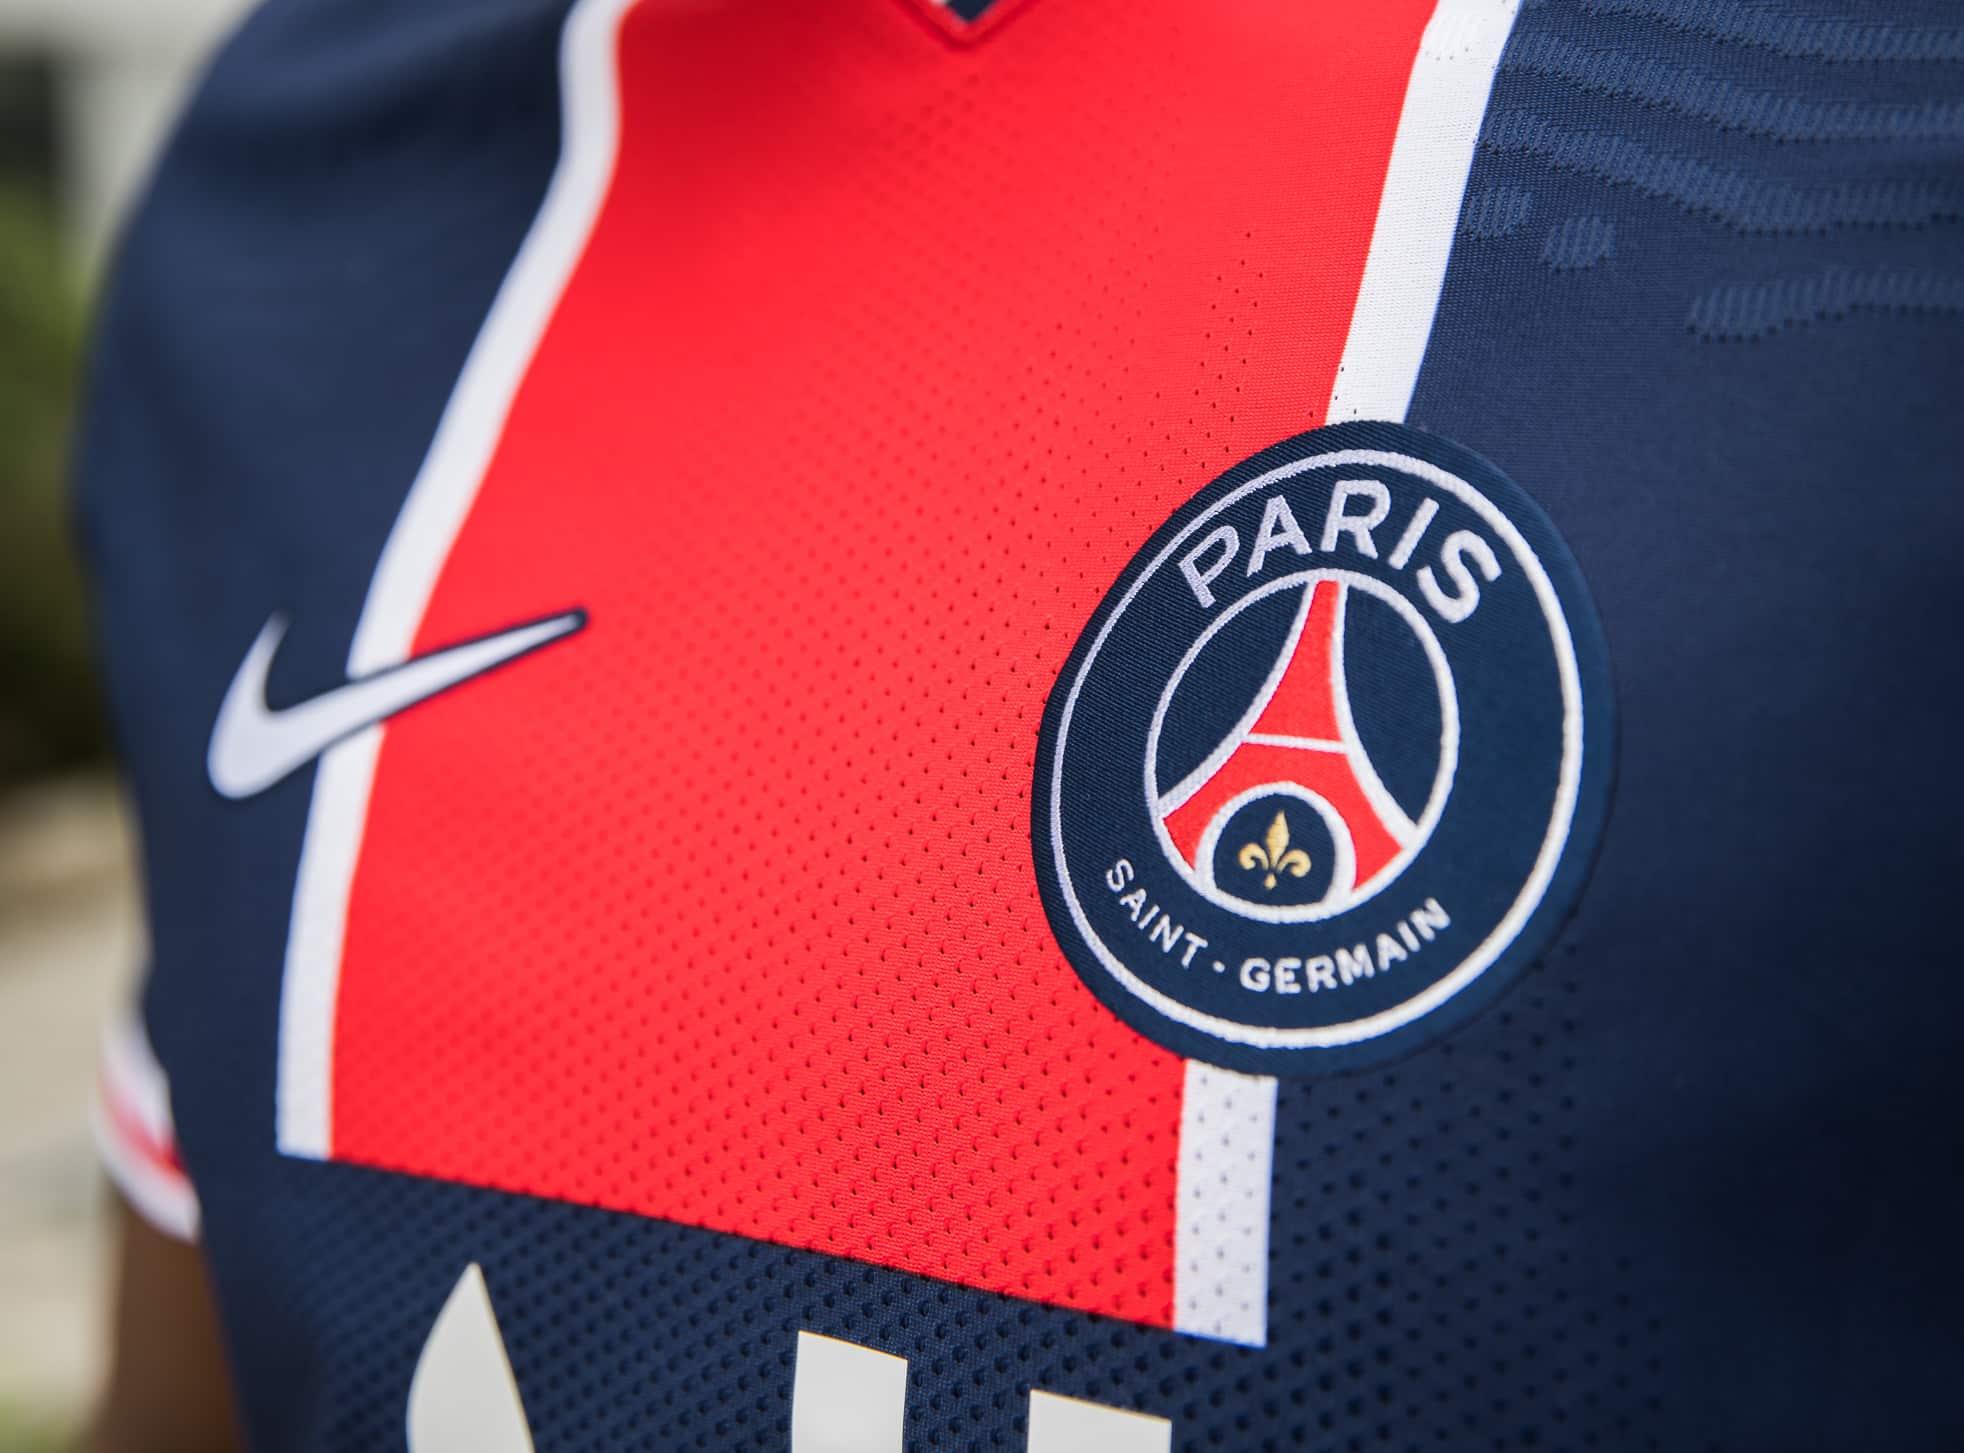 Champions League FLOCAGE MARQUINHOS #5 Paris Exterieur 2020-2021 Away Nameset